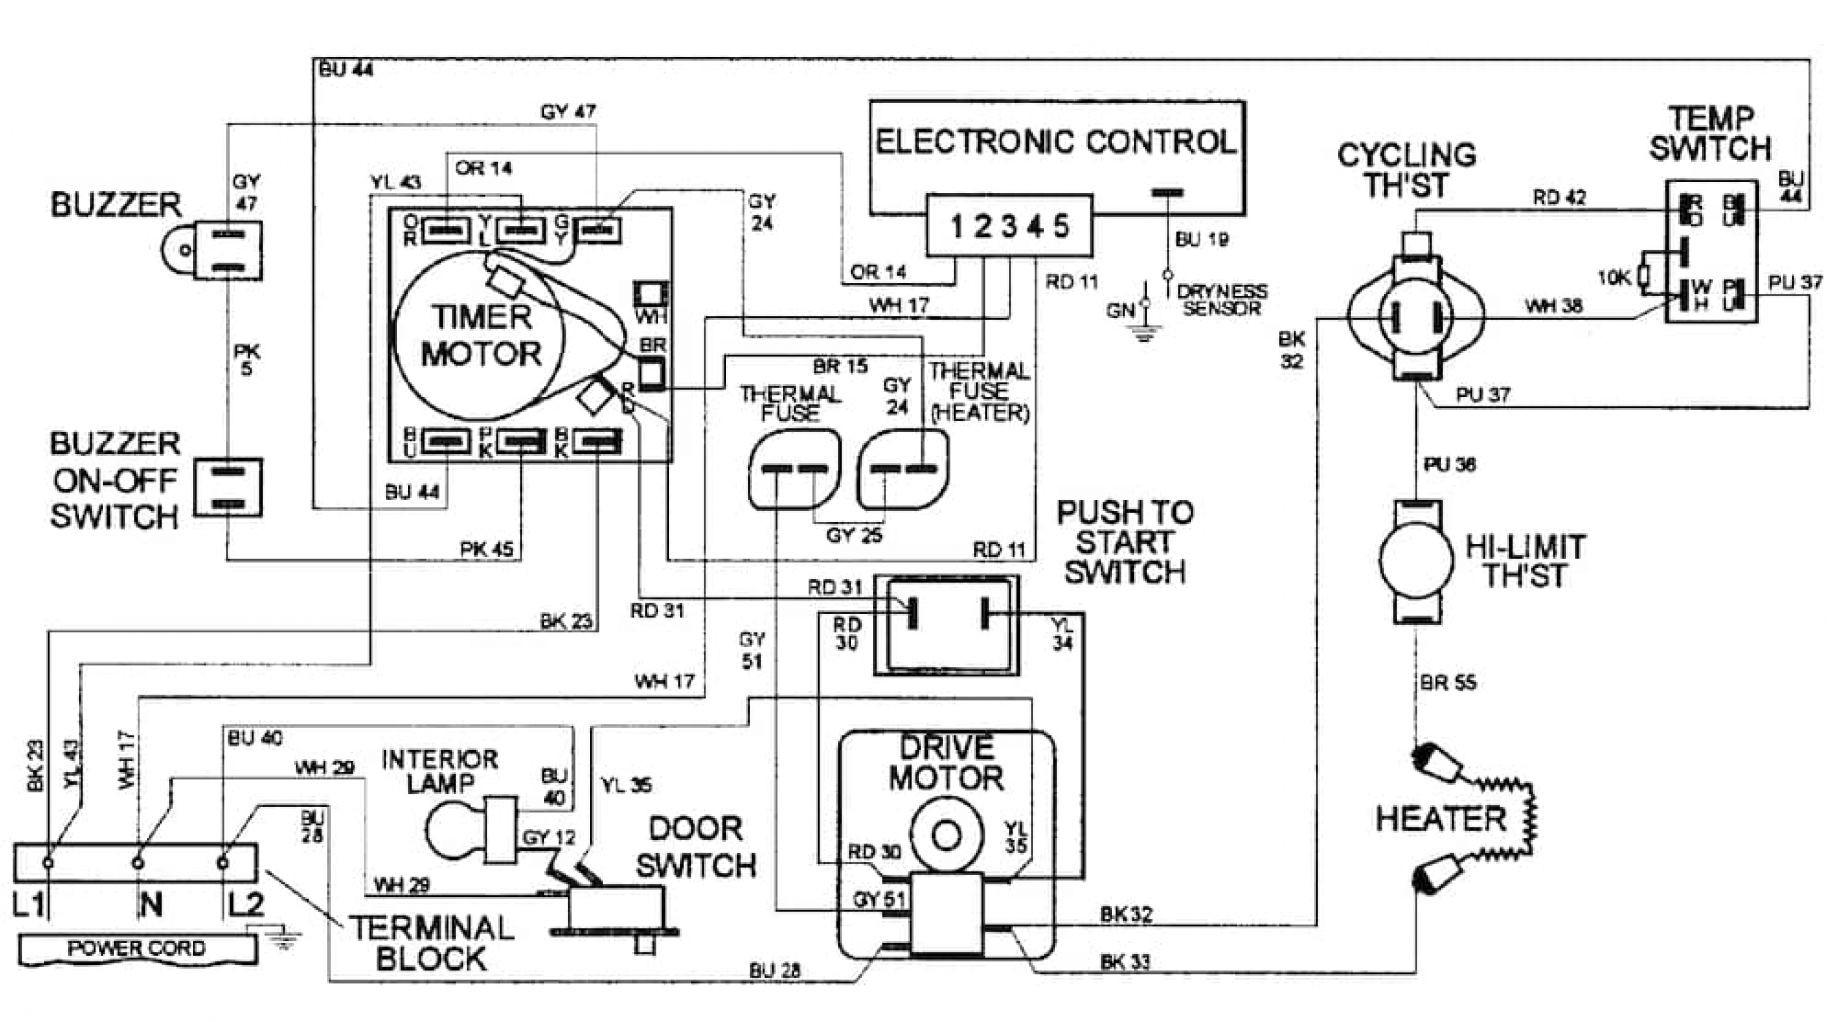 Dry Motor Wiring Diagram Data Wiring Diagram